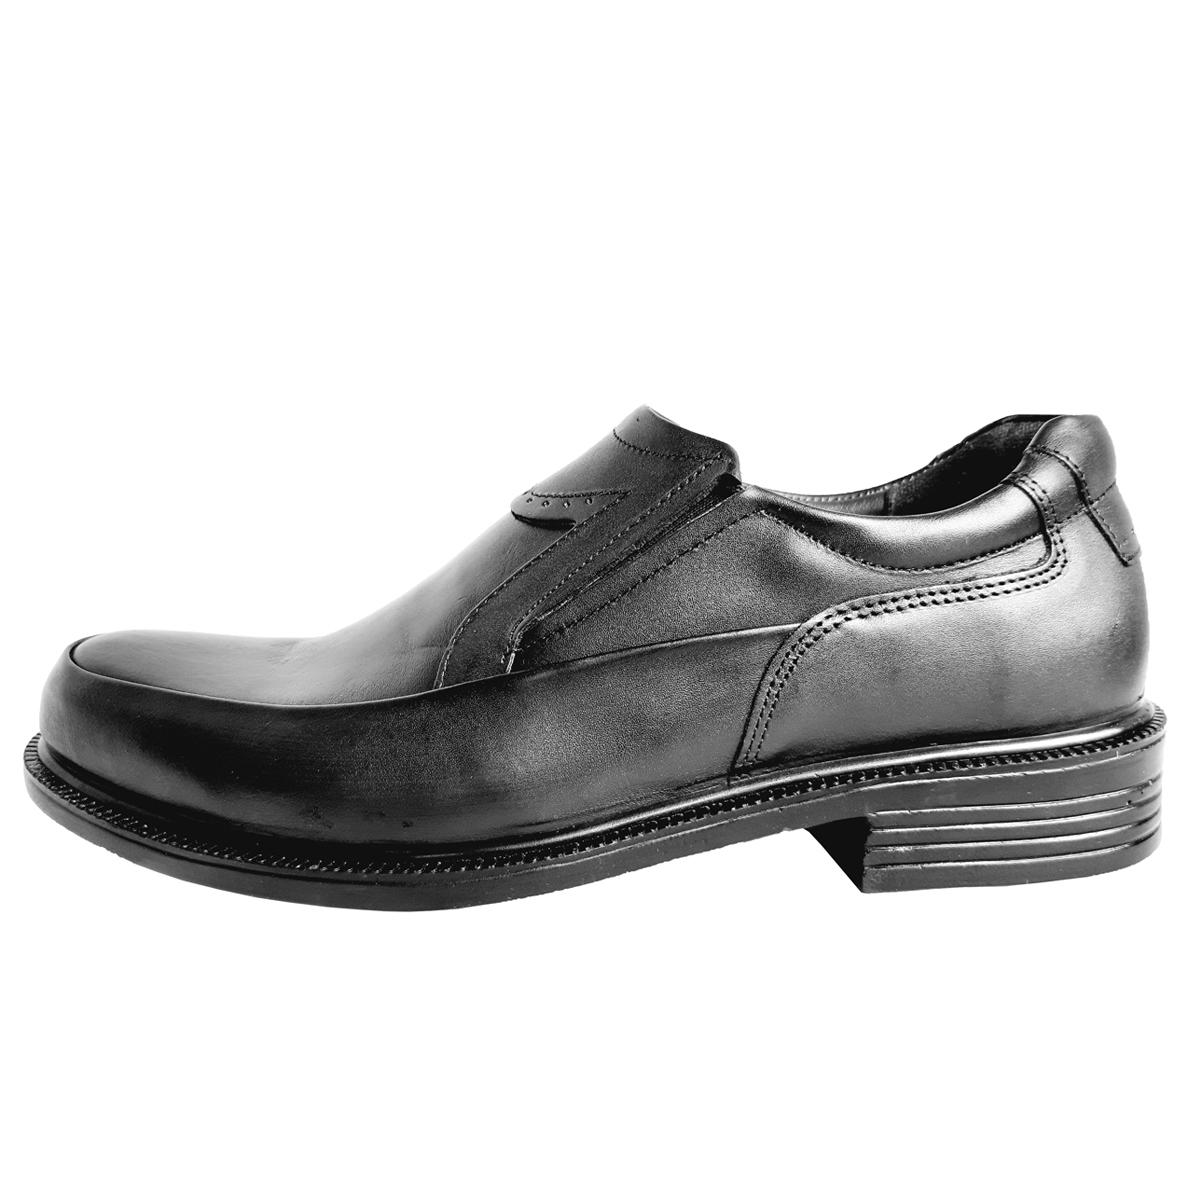 خرید کفش مردانه مدل ۱۰۵